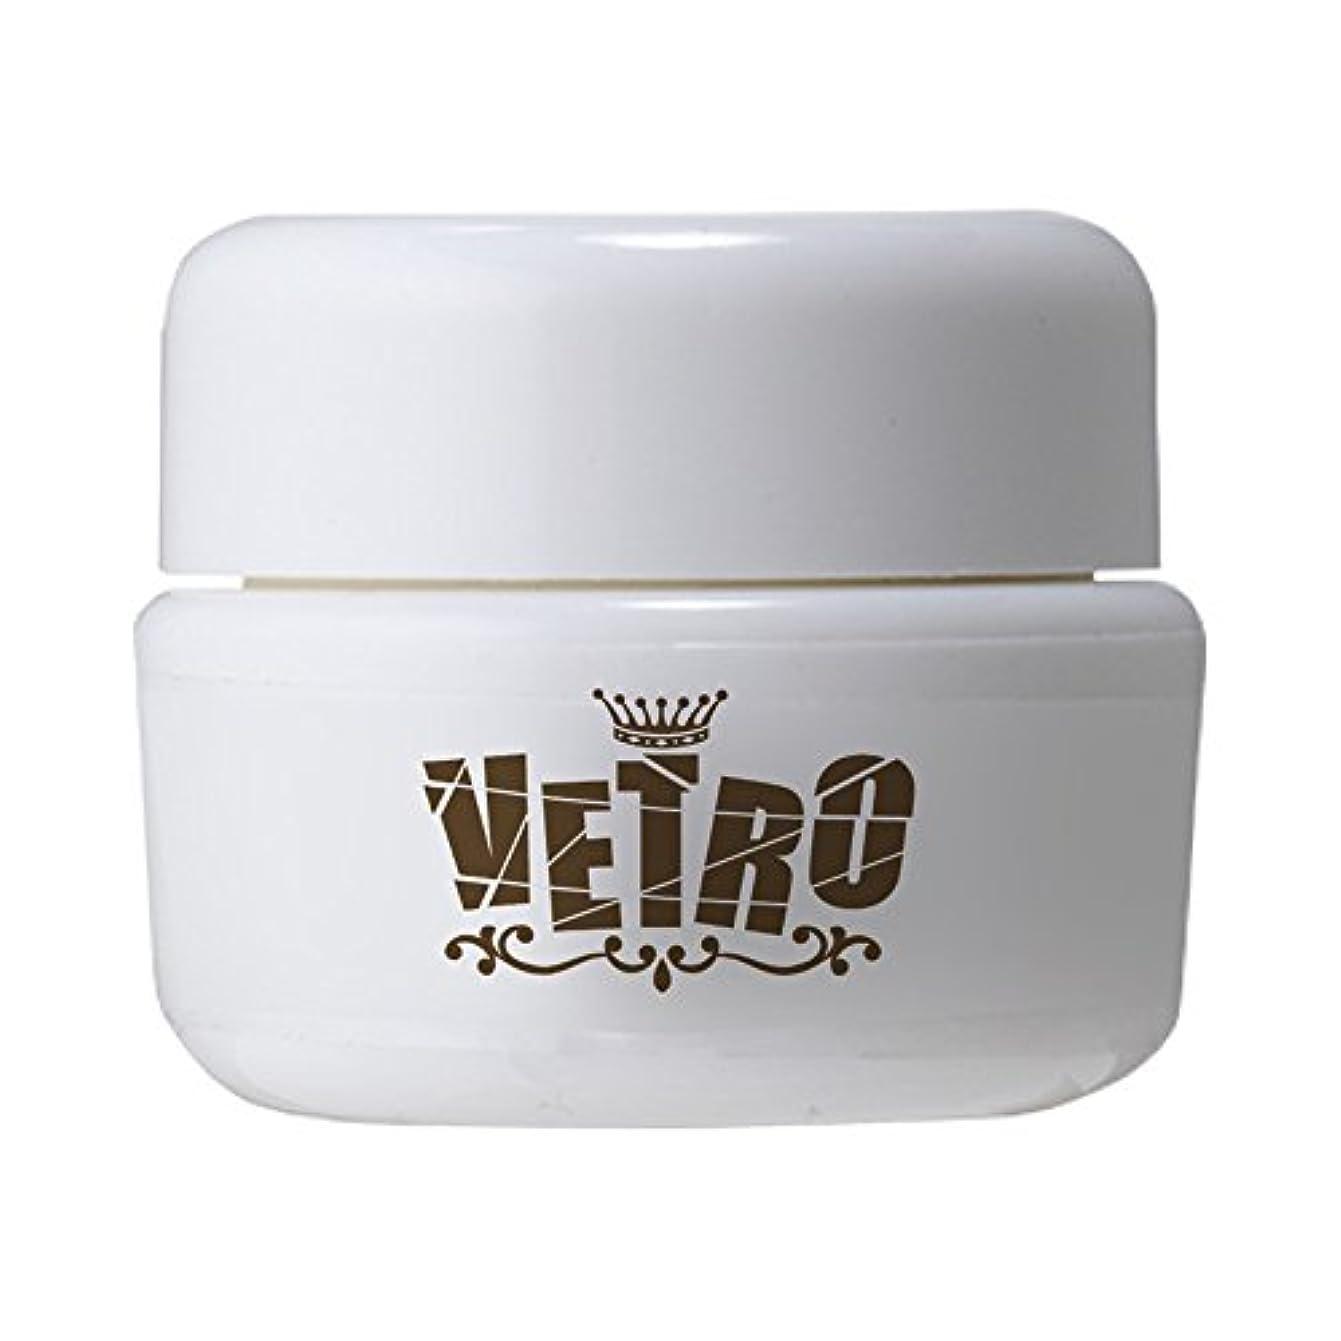 イブニングシンジケート手配するベトロ VETRO カラージェル VL283 4ml テクスチャー:ソフト シアー UV/LED対応